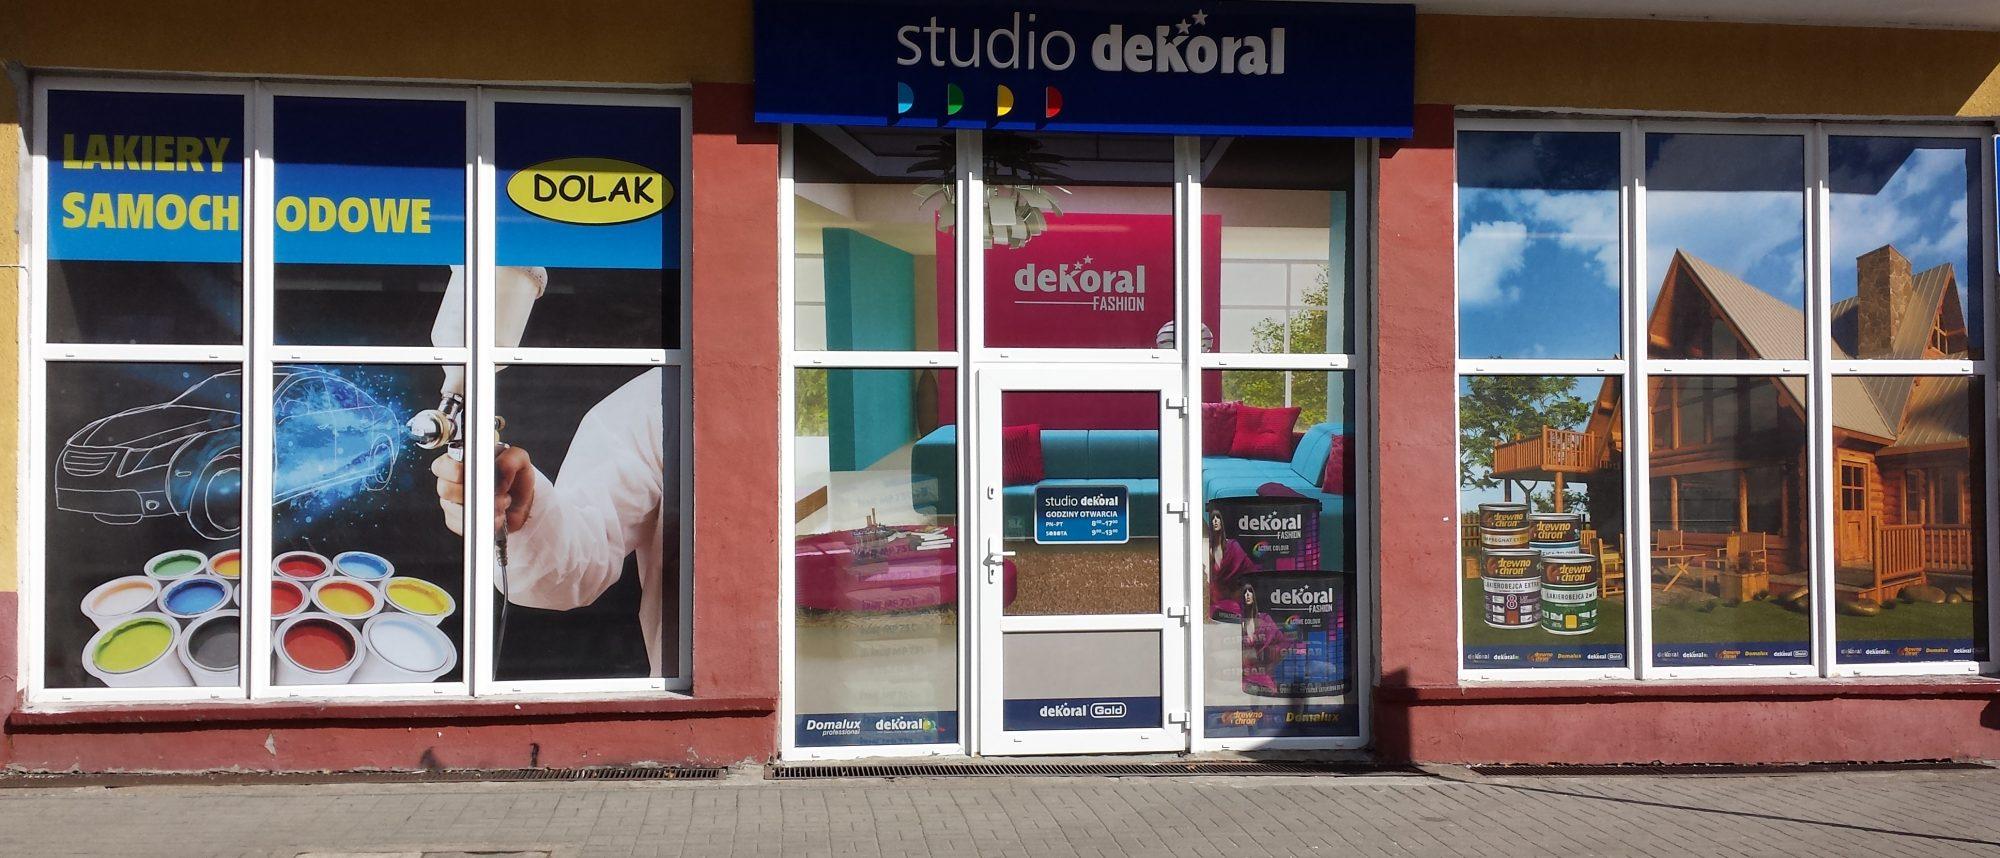 dolak.pl